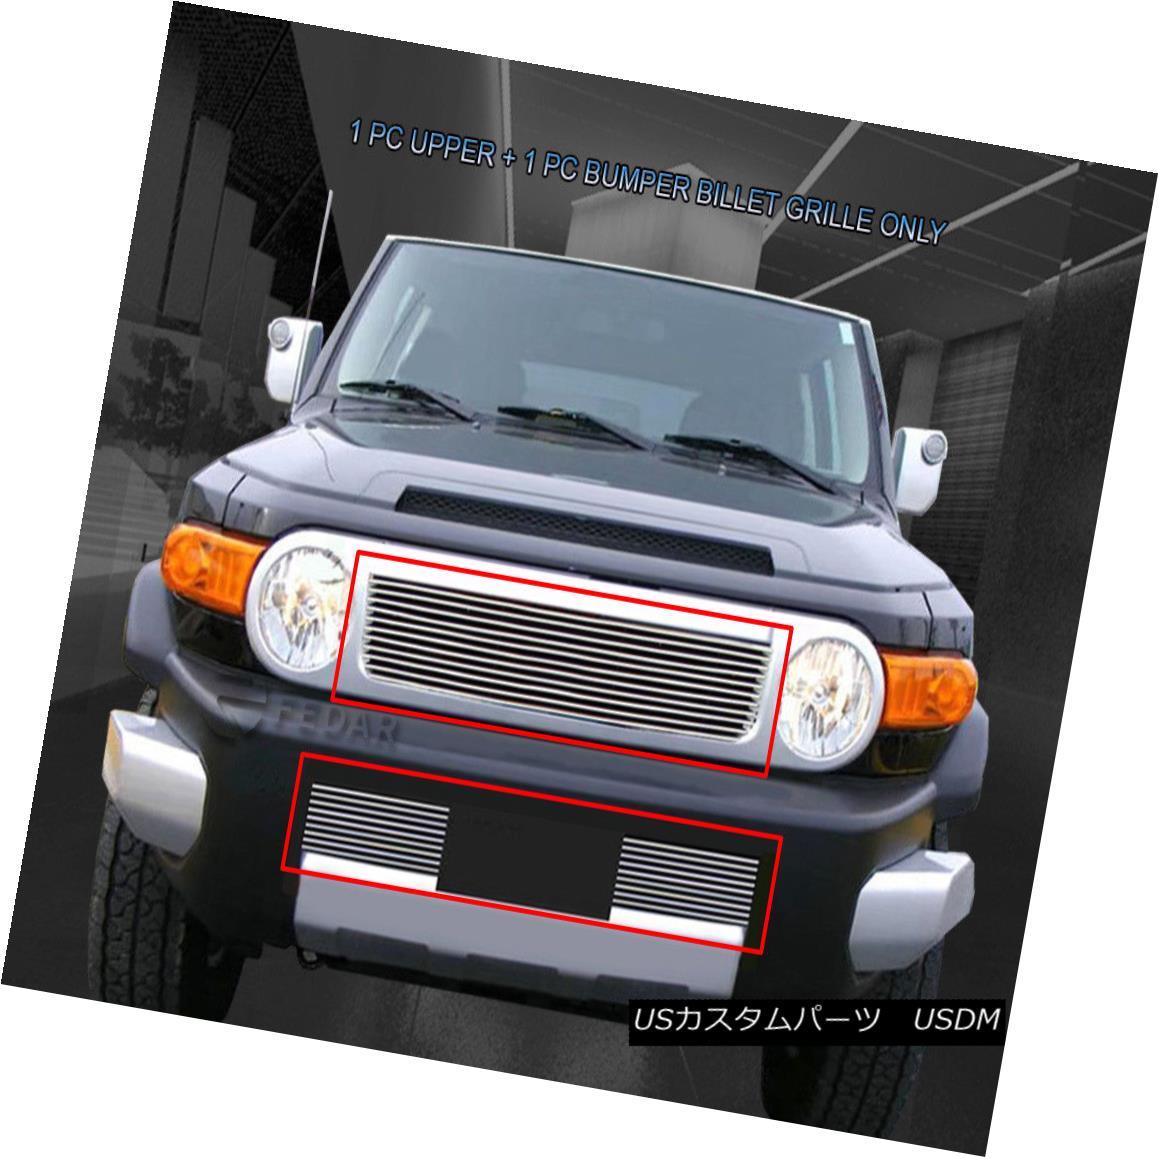 グリル Fits 2007-2014 Toyota FJ Cruiser Billet Grille Grill Combo Insert フィット2007年?2014年トヨタFJクルーザービレットグリルグリルコンボインサート